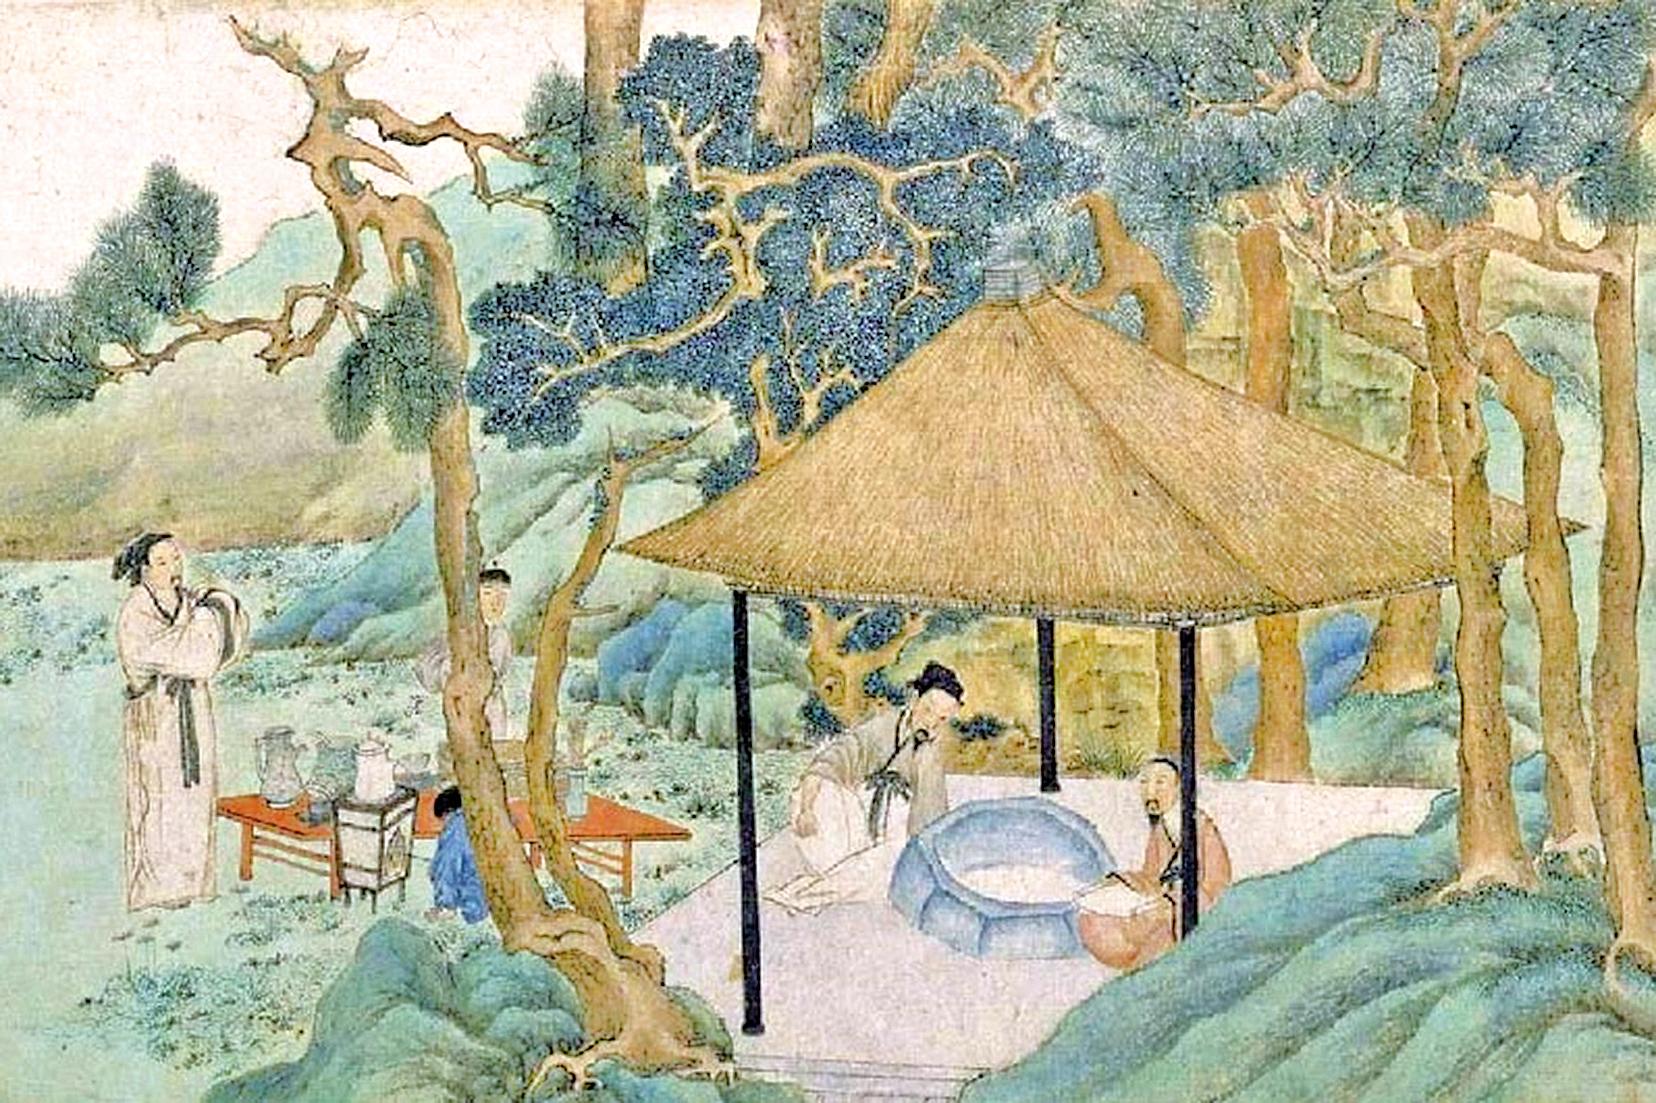 明代文徵明的《惠山茶會圖》(局部),描繪一群文人雅士在二泉亭井邊以茶會友的場景。(公有領域)